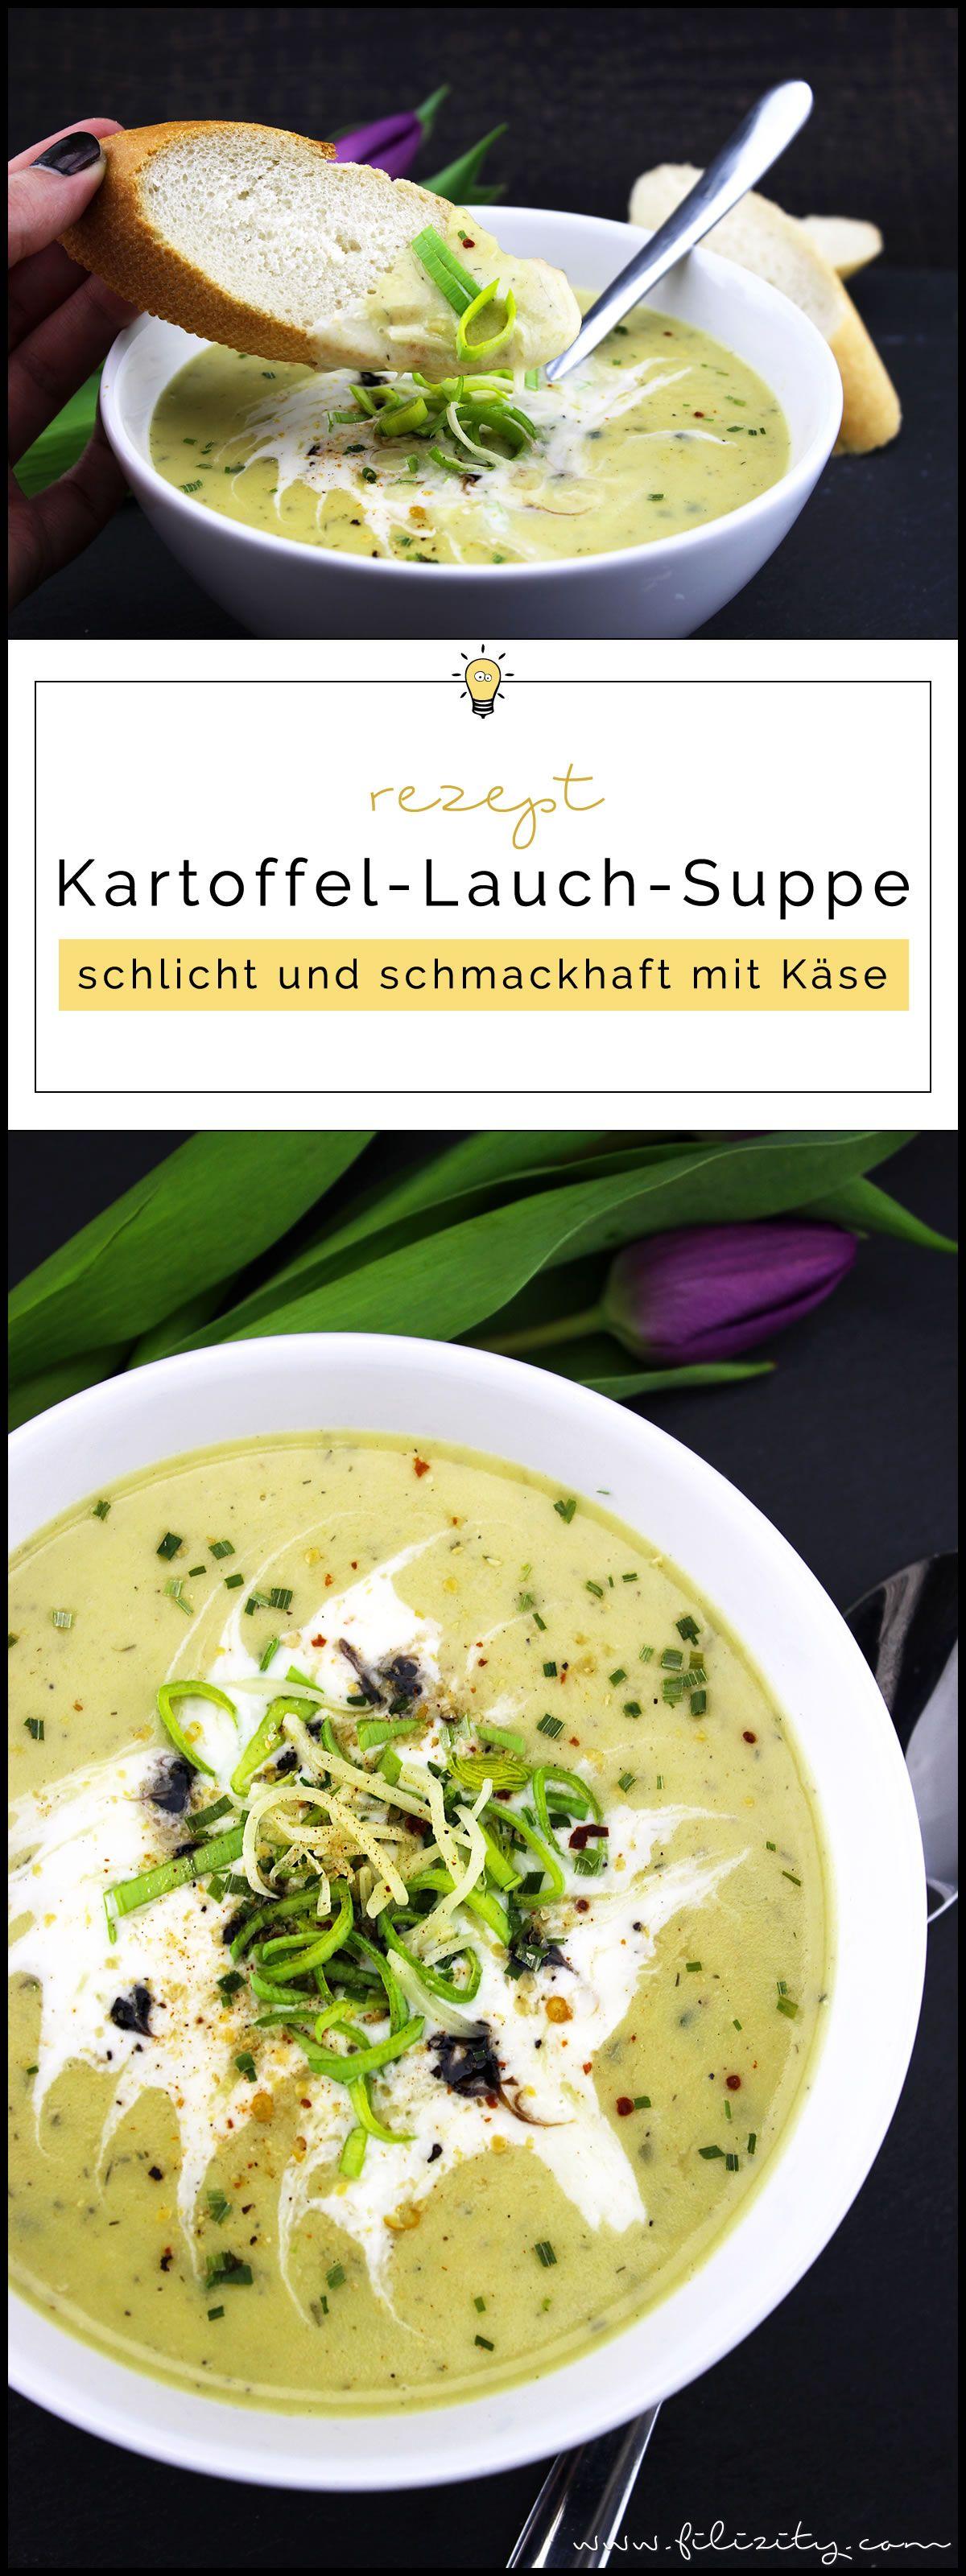 Kartoffel-Lauch-Suppe mit Käse   Filizity.com   Food-Blog aus Koblenz